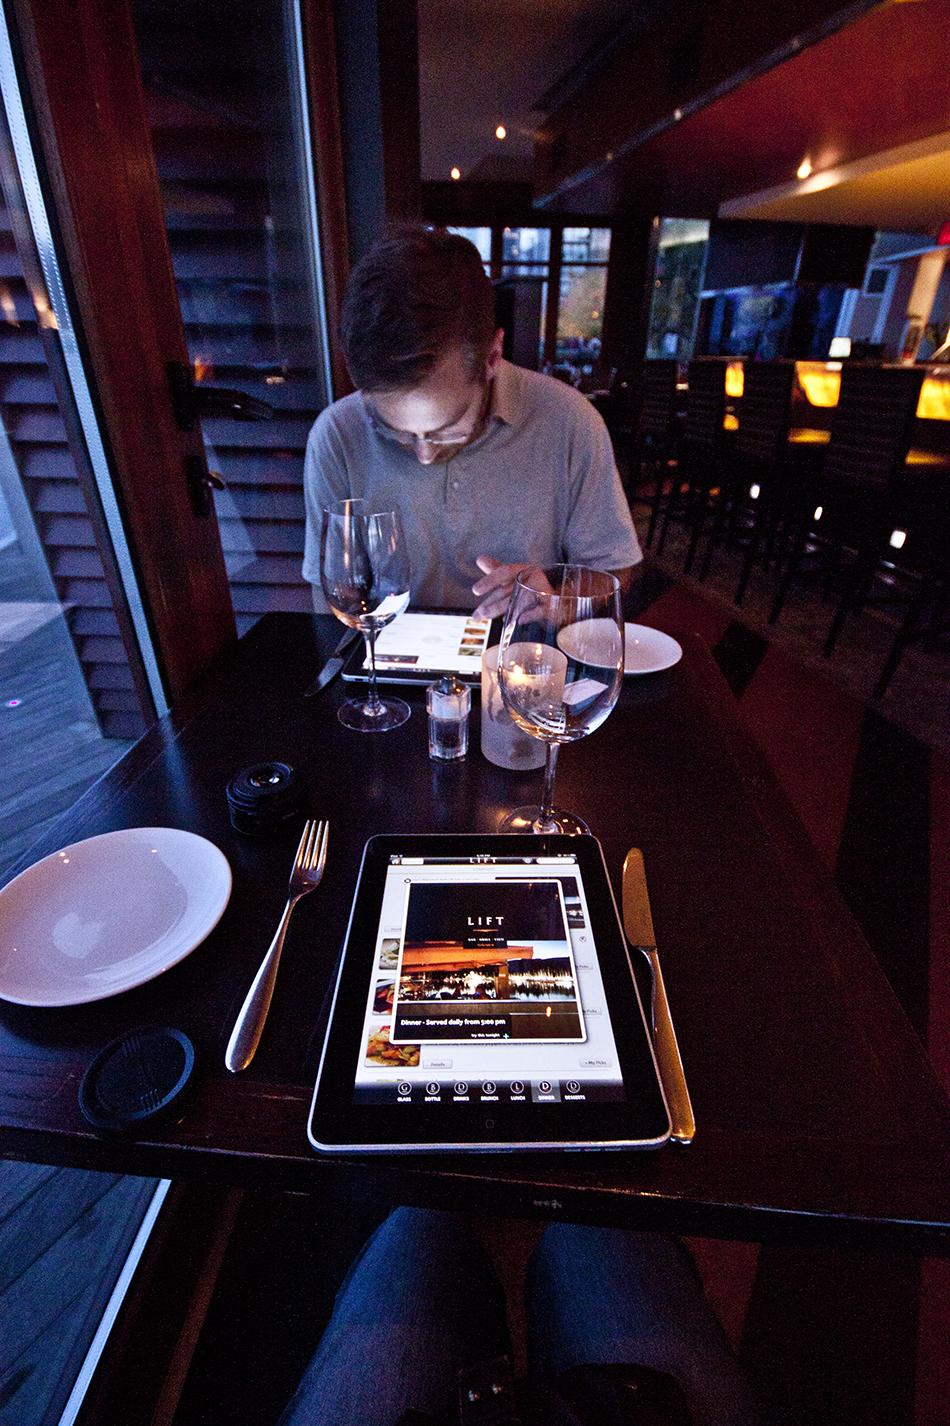 iPad menus at Lift.